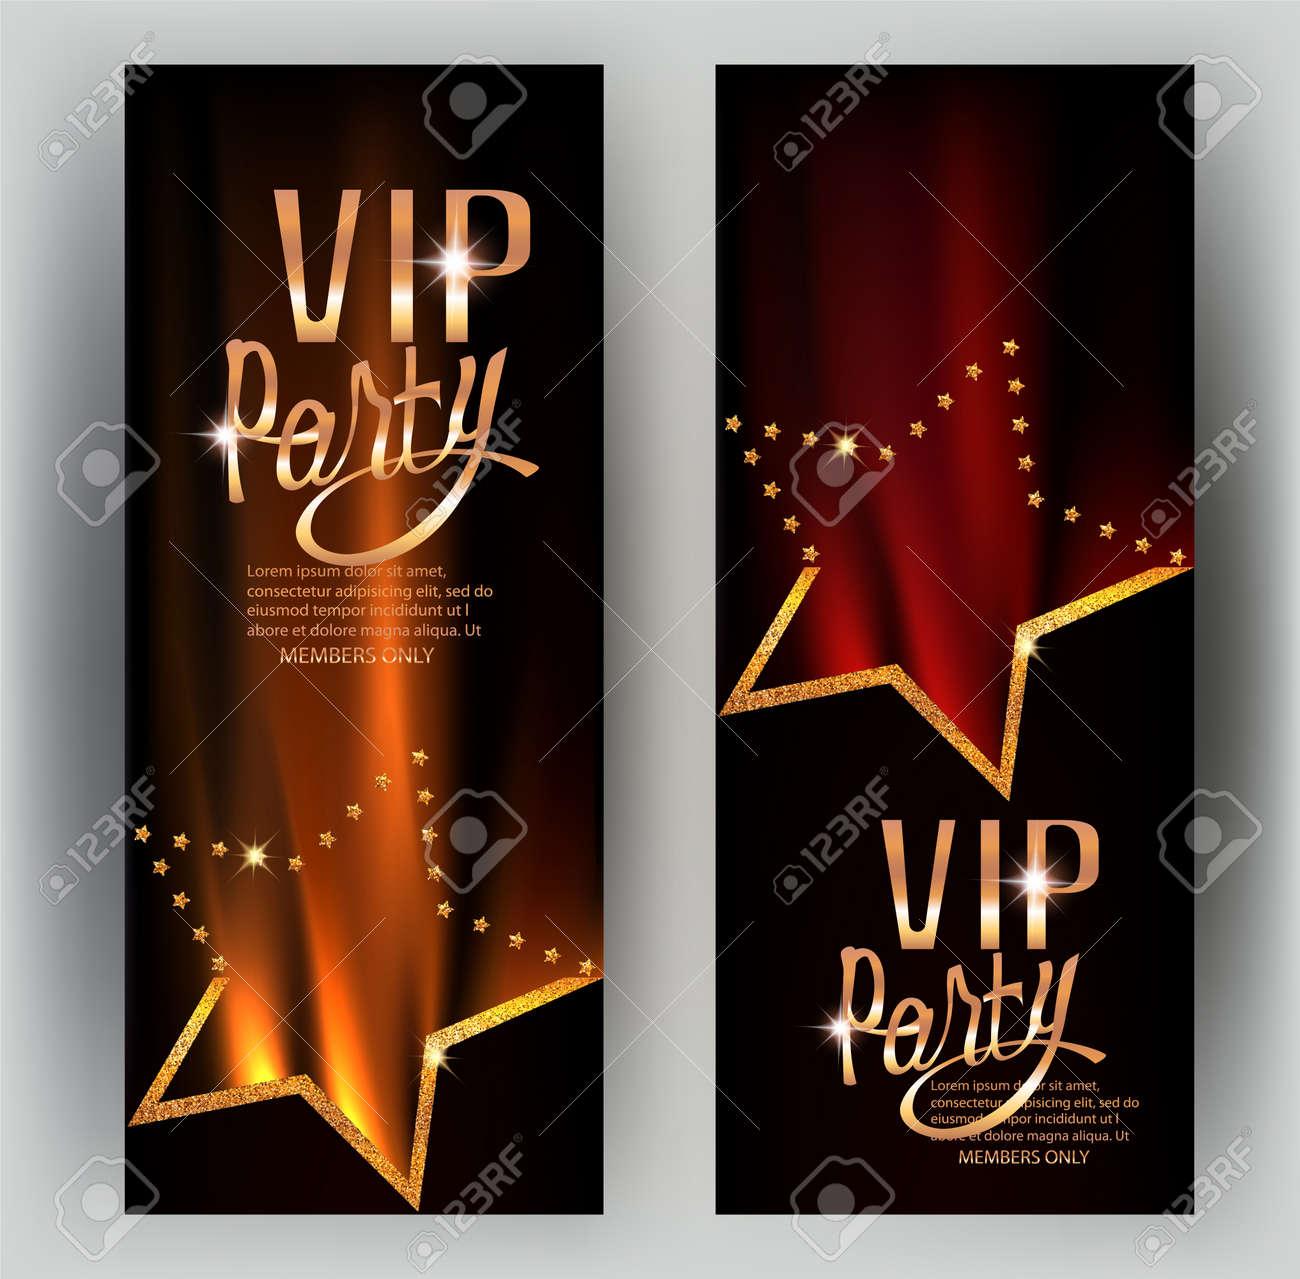 Tarjetas De Invitación De Invitación Vip Con Elementos De Diseño En Línea Estrellas